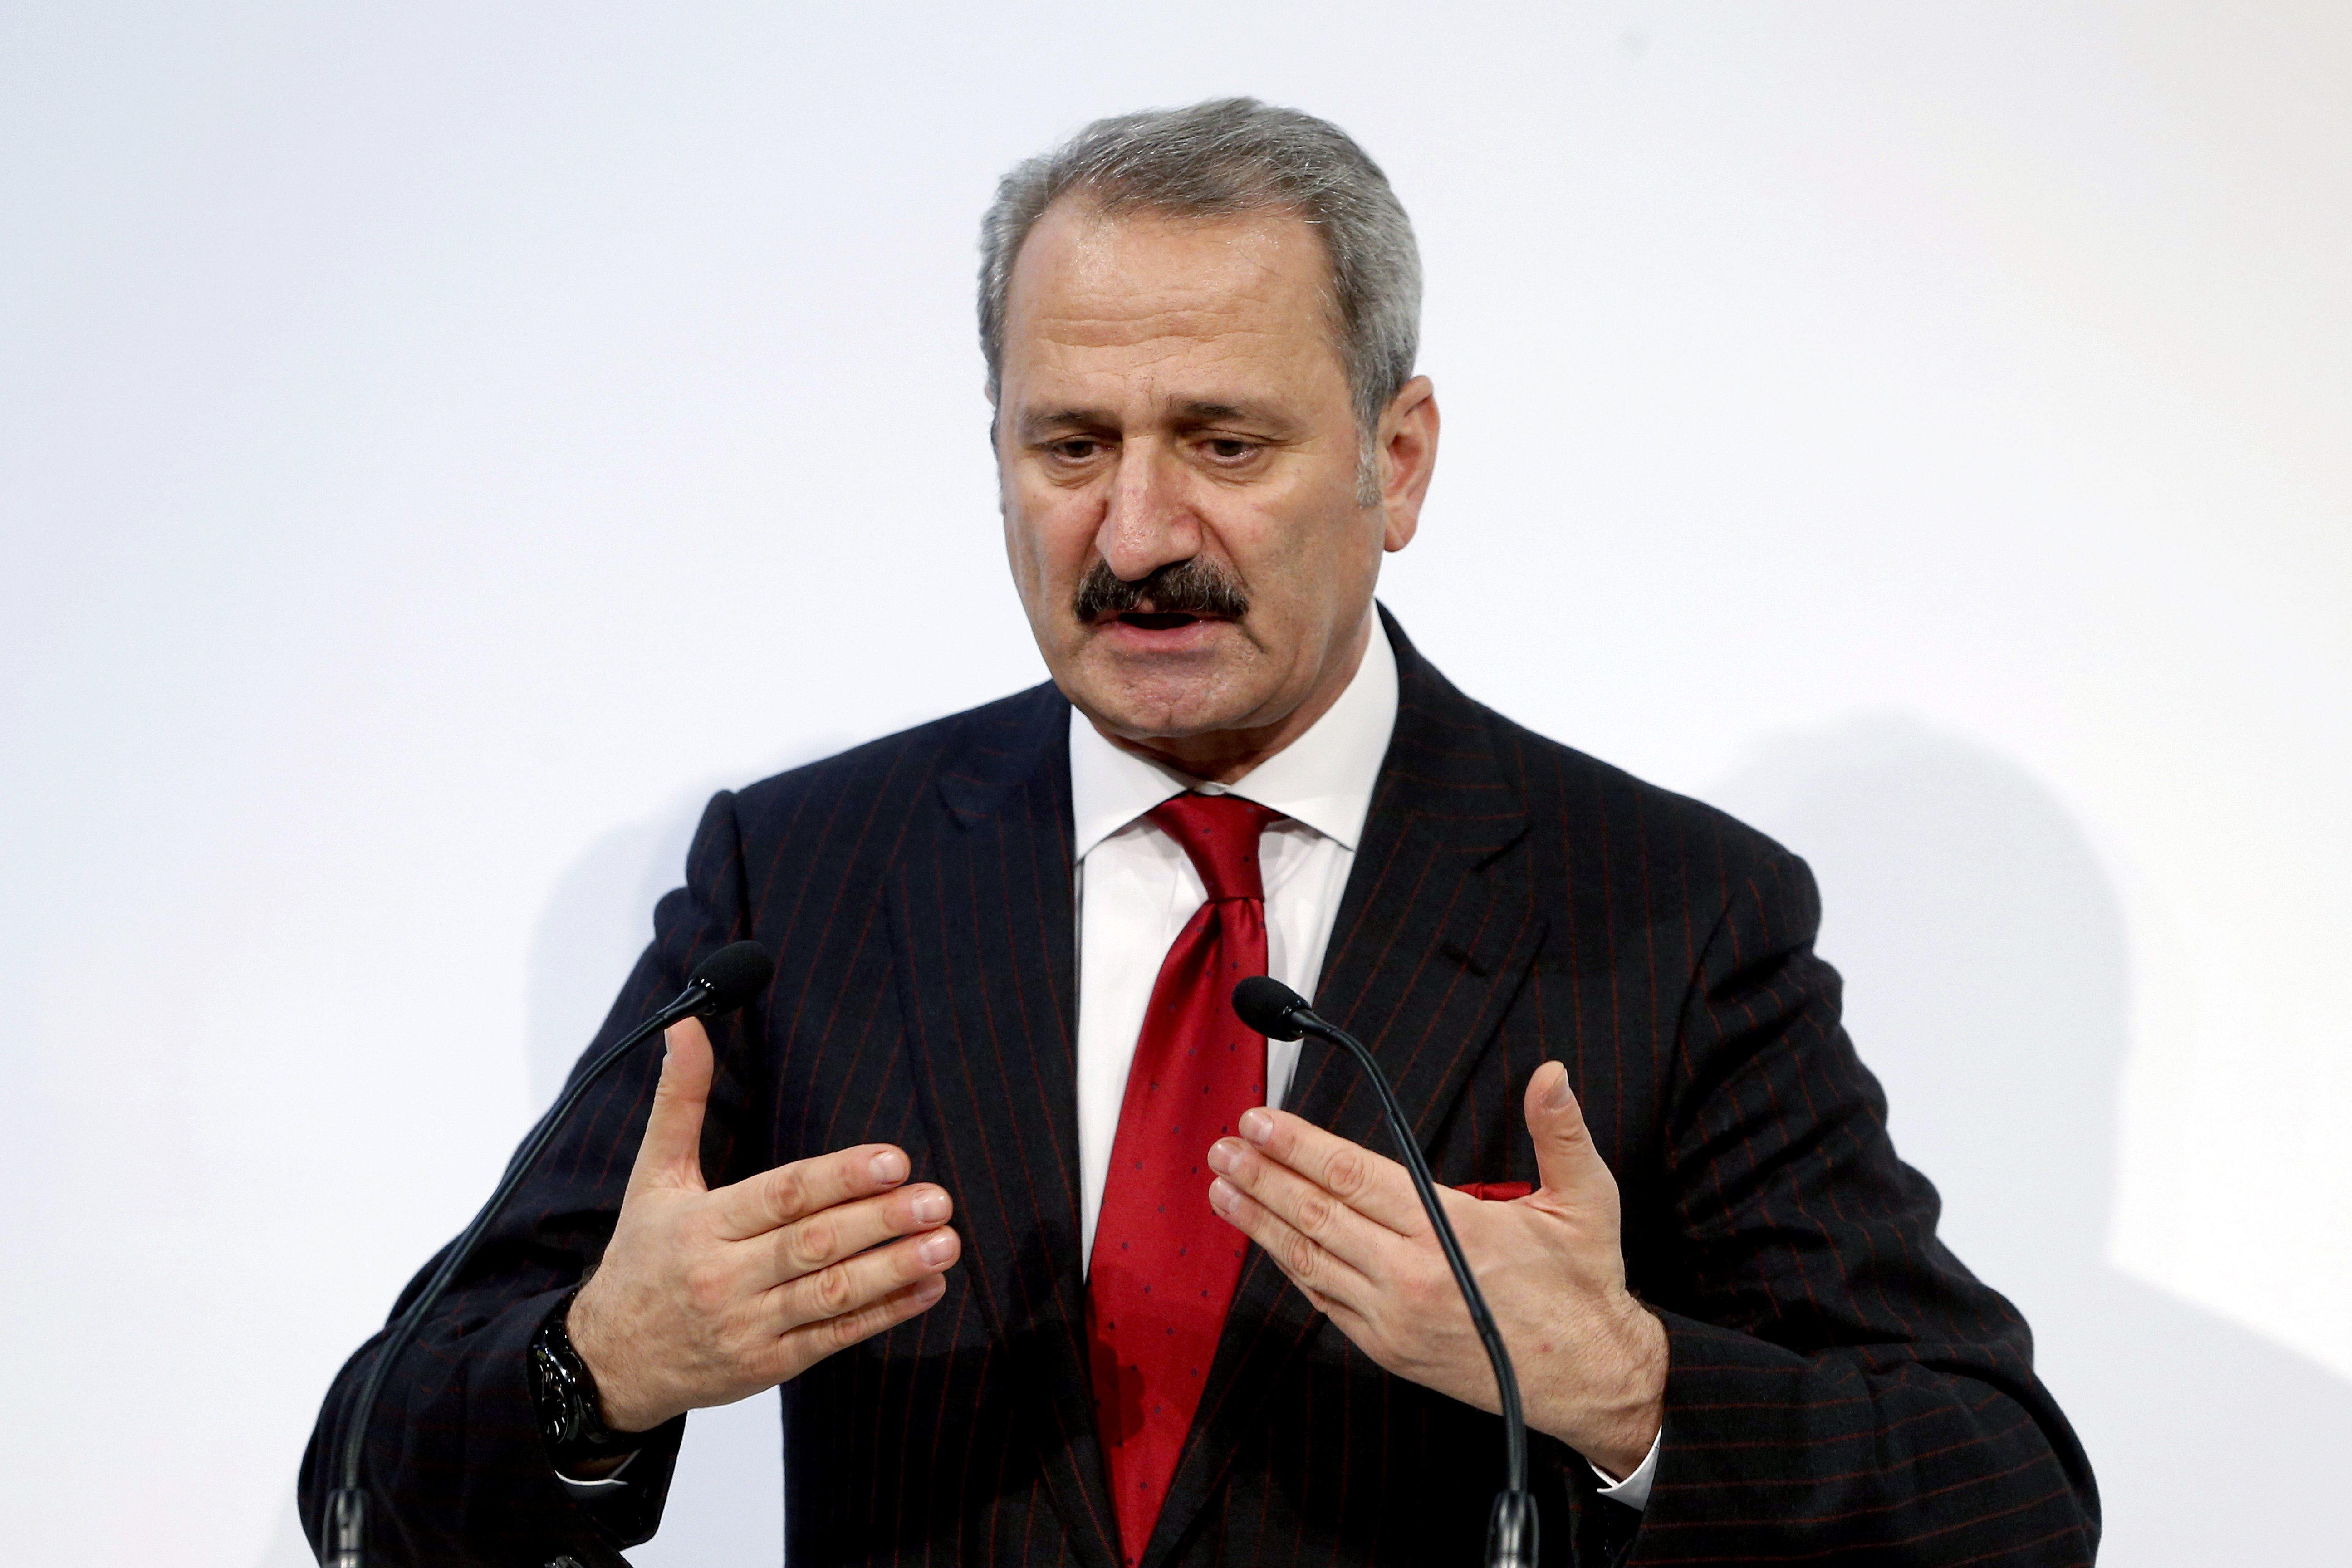 Dimiten dos ministros turcos asociados al reciente escándalo de corrupción